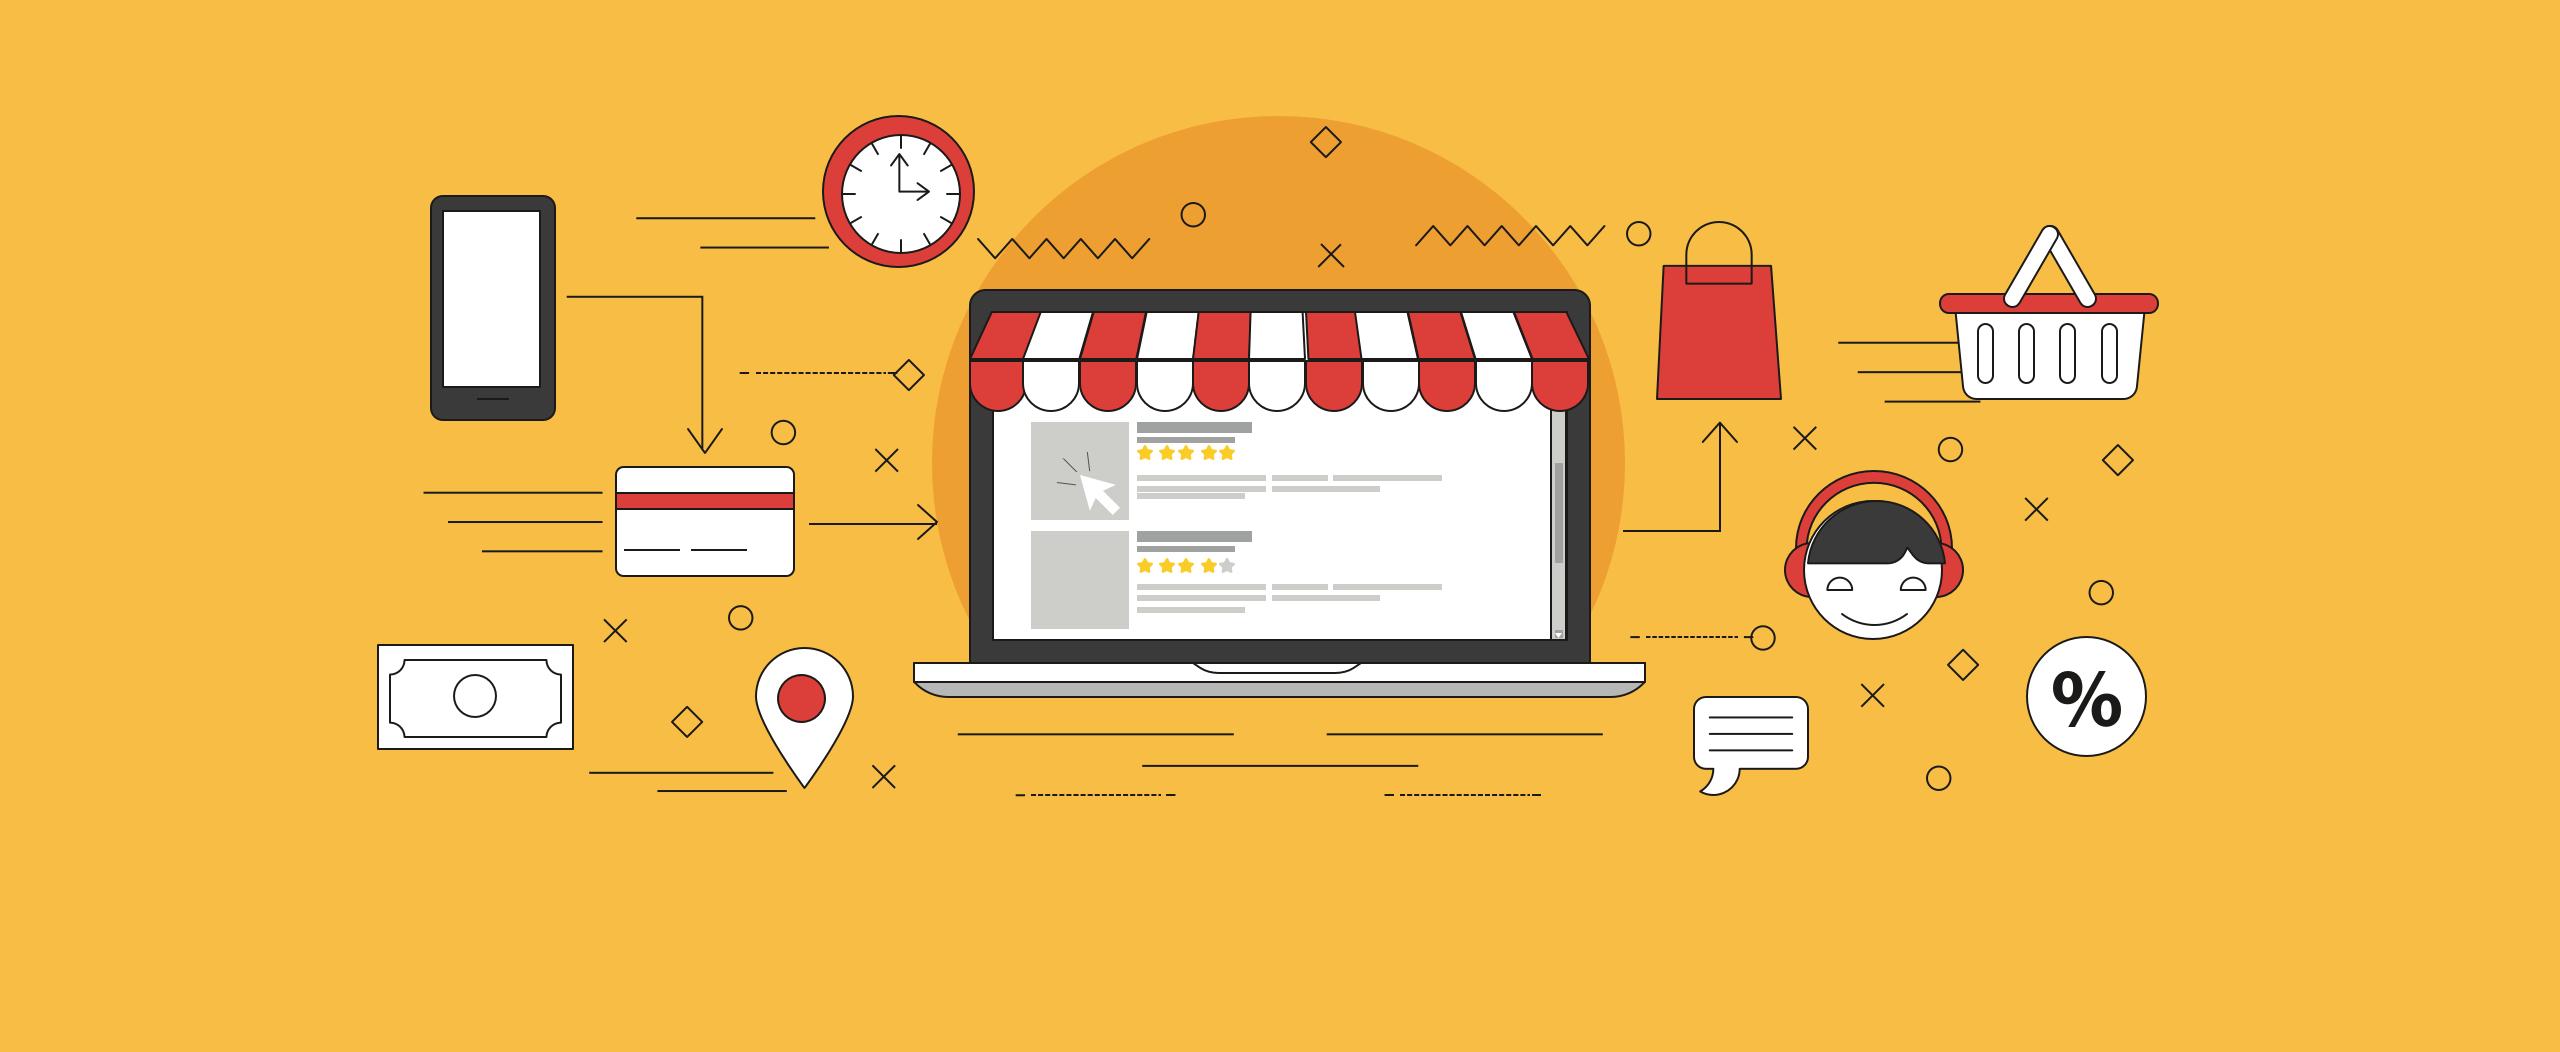 10 ویژگی ضروری یک فروشگاه اینترنتی